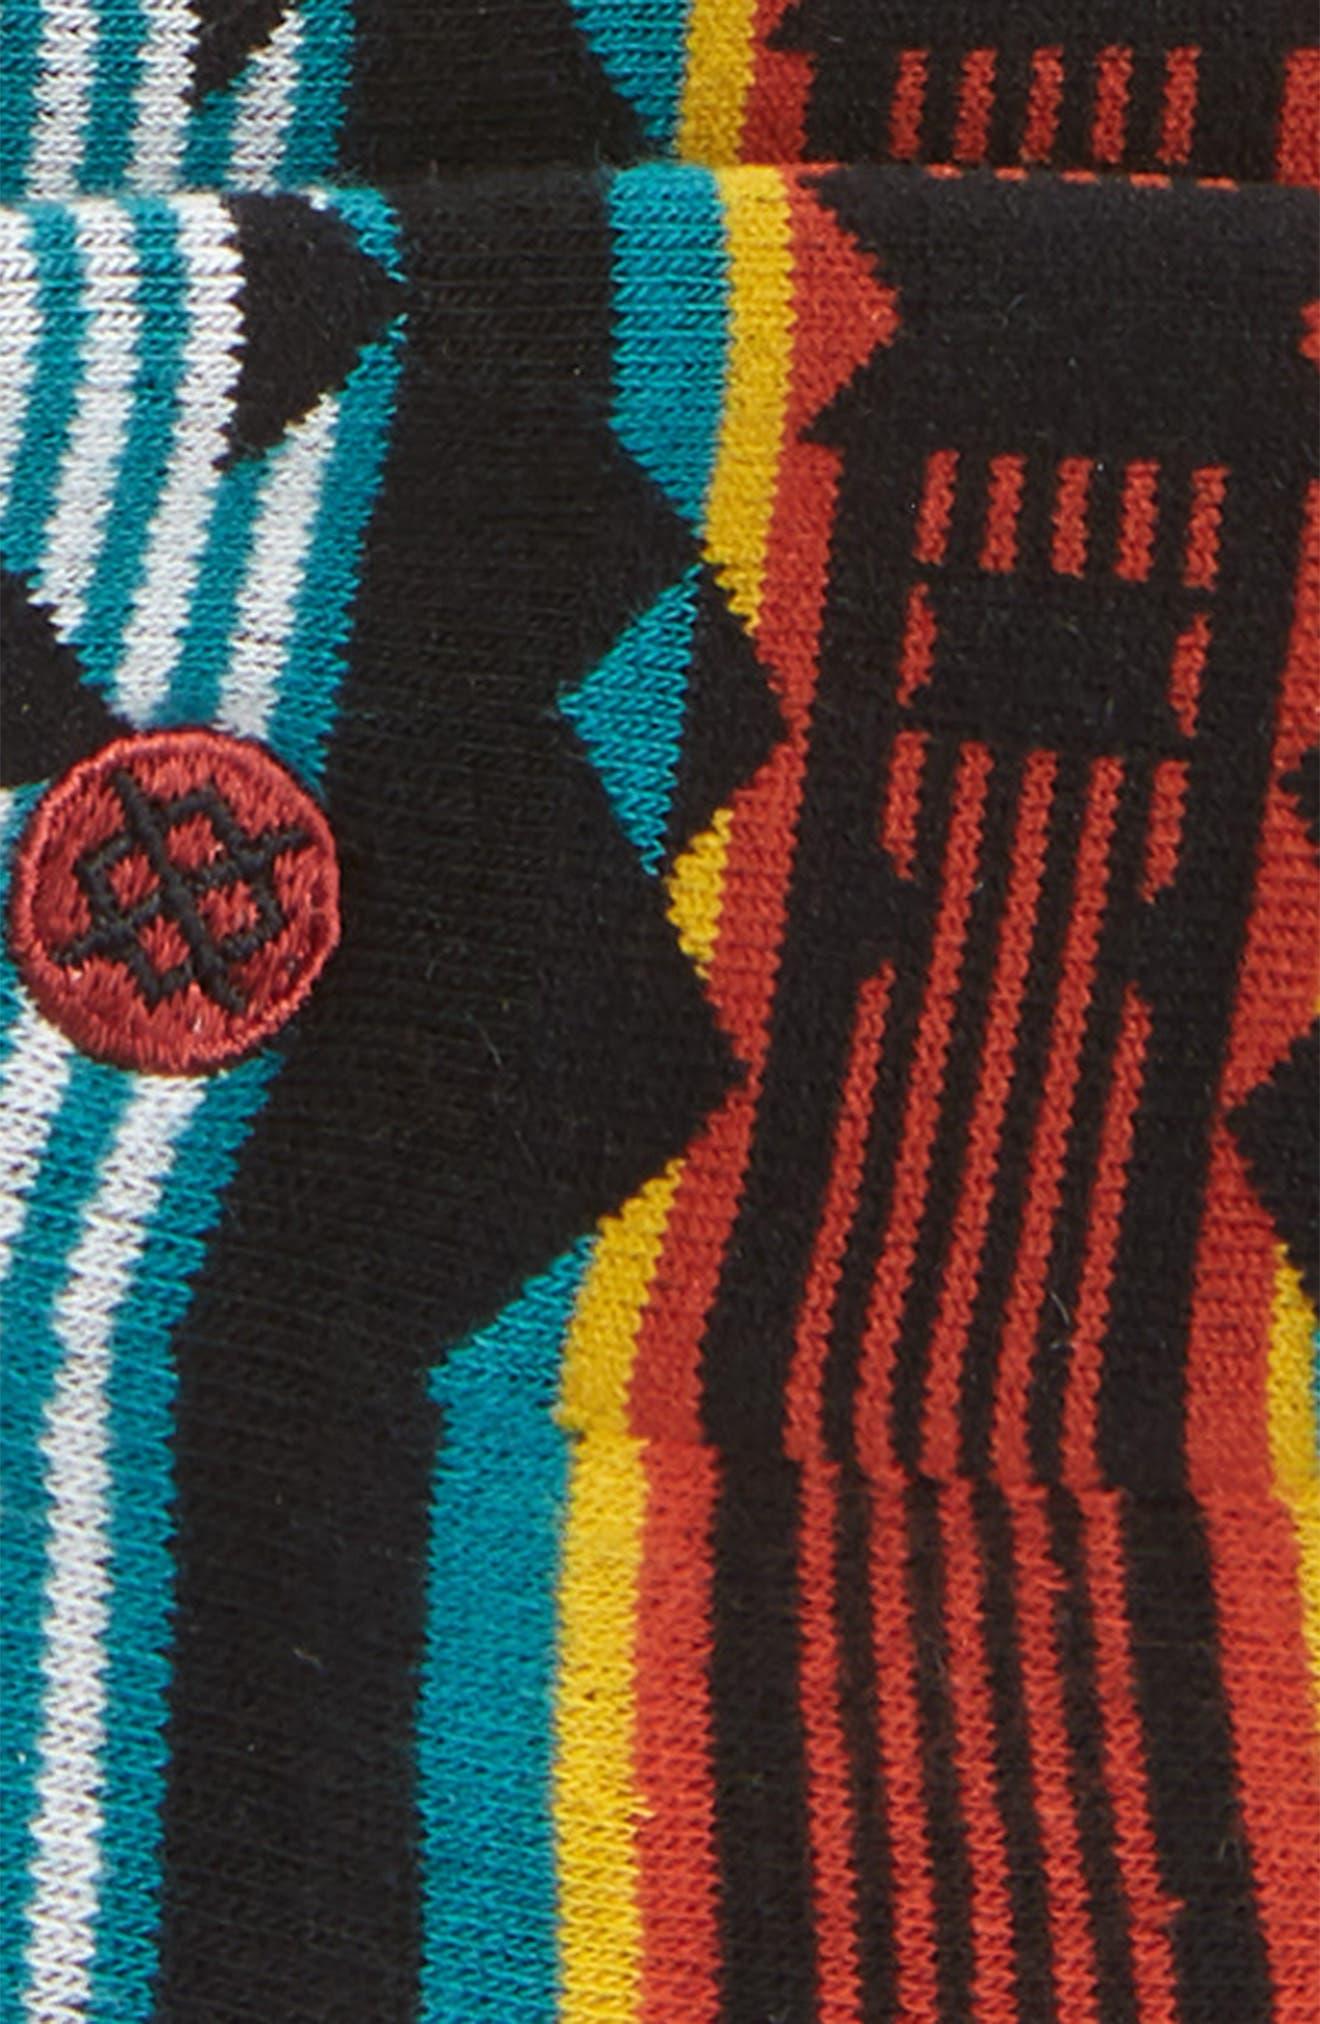 Cedergren Low Socks,                             Alternate thumbnail 2, color,                             001